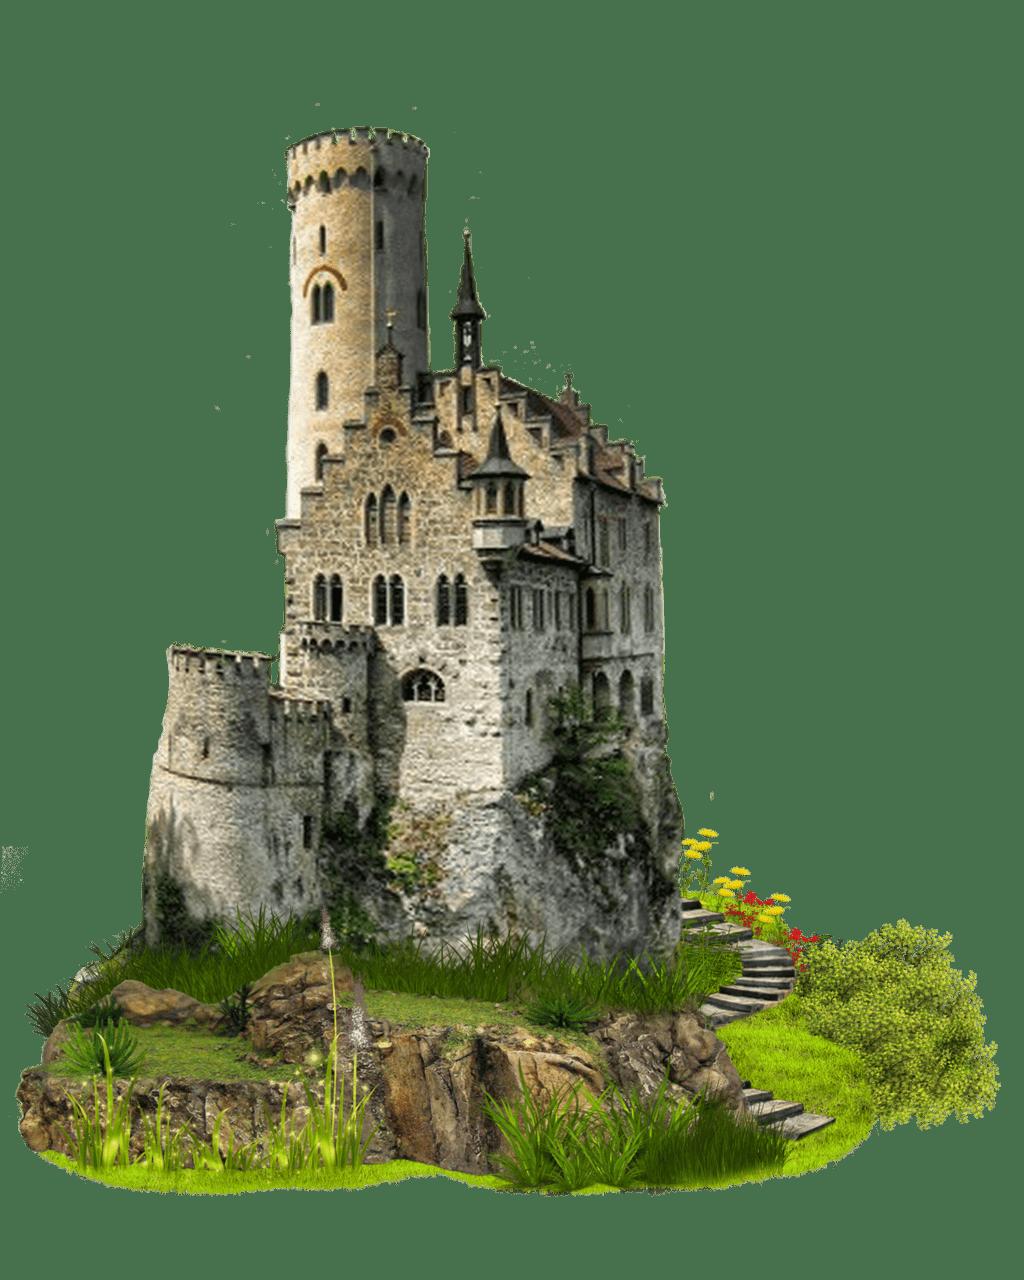 Hill clipart castle on. Bridge transparent png stickpng